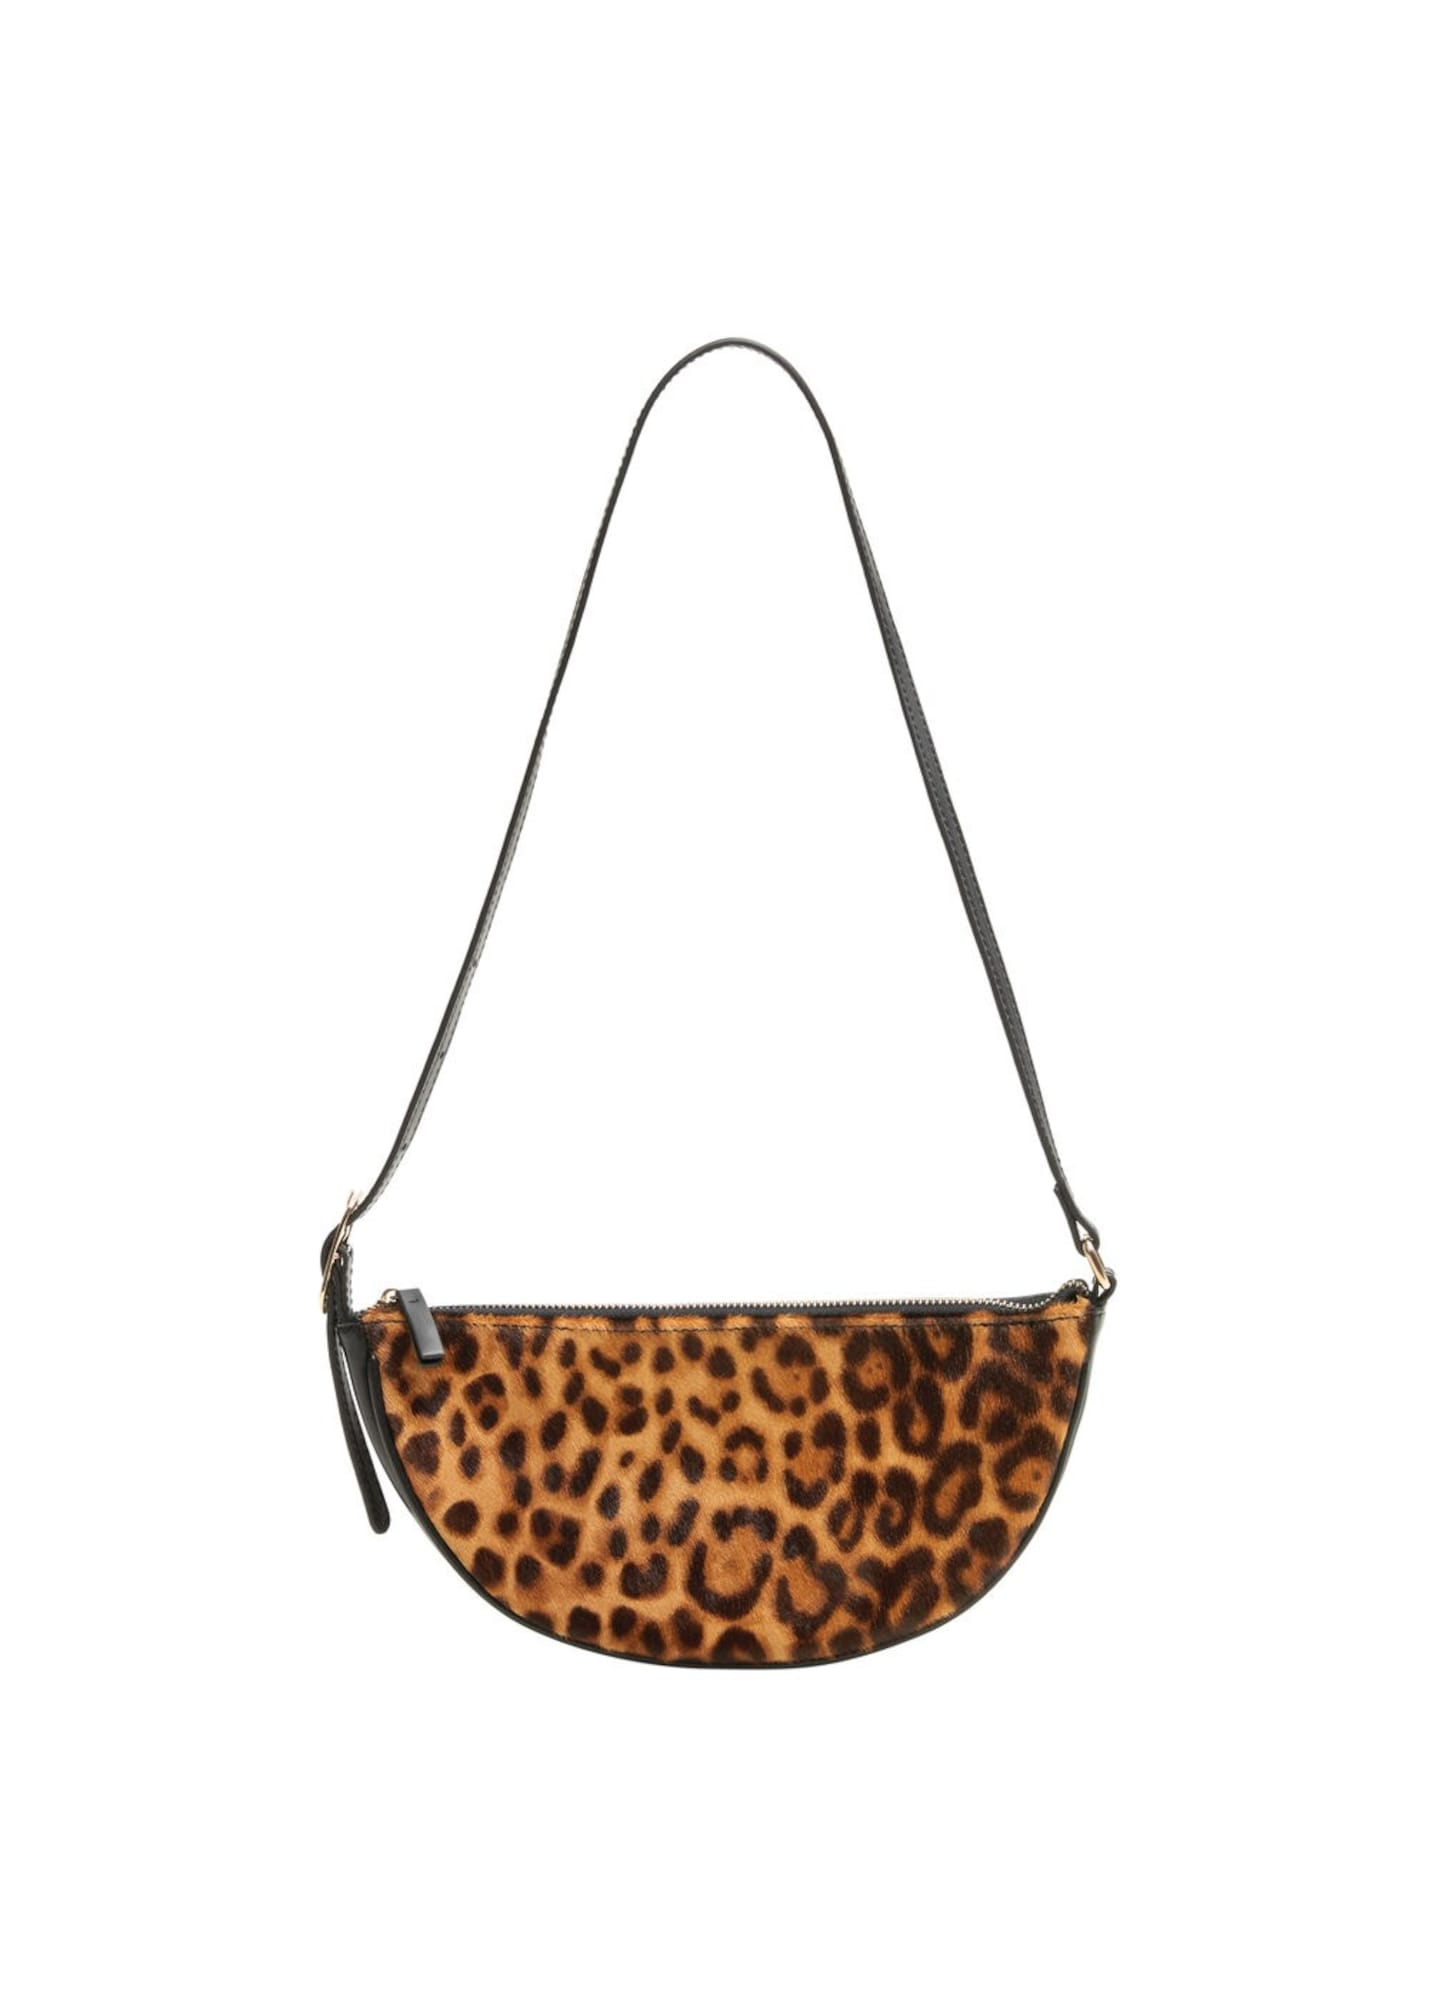 Tasche 'Min leopardo' | Taschen | Violeta by Mango